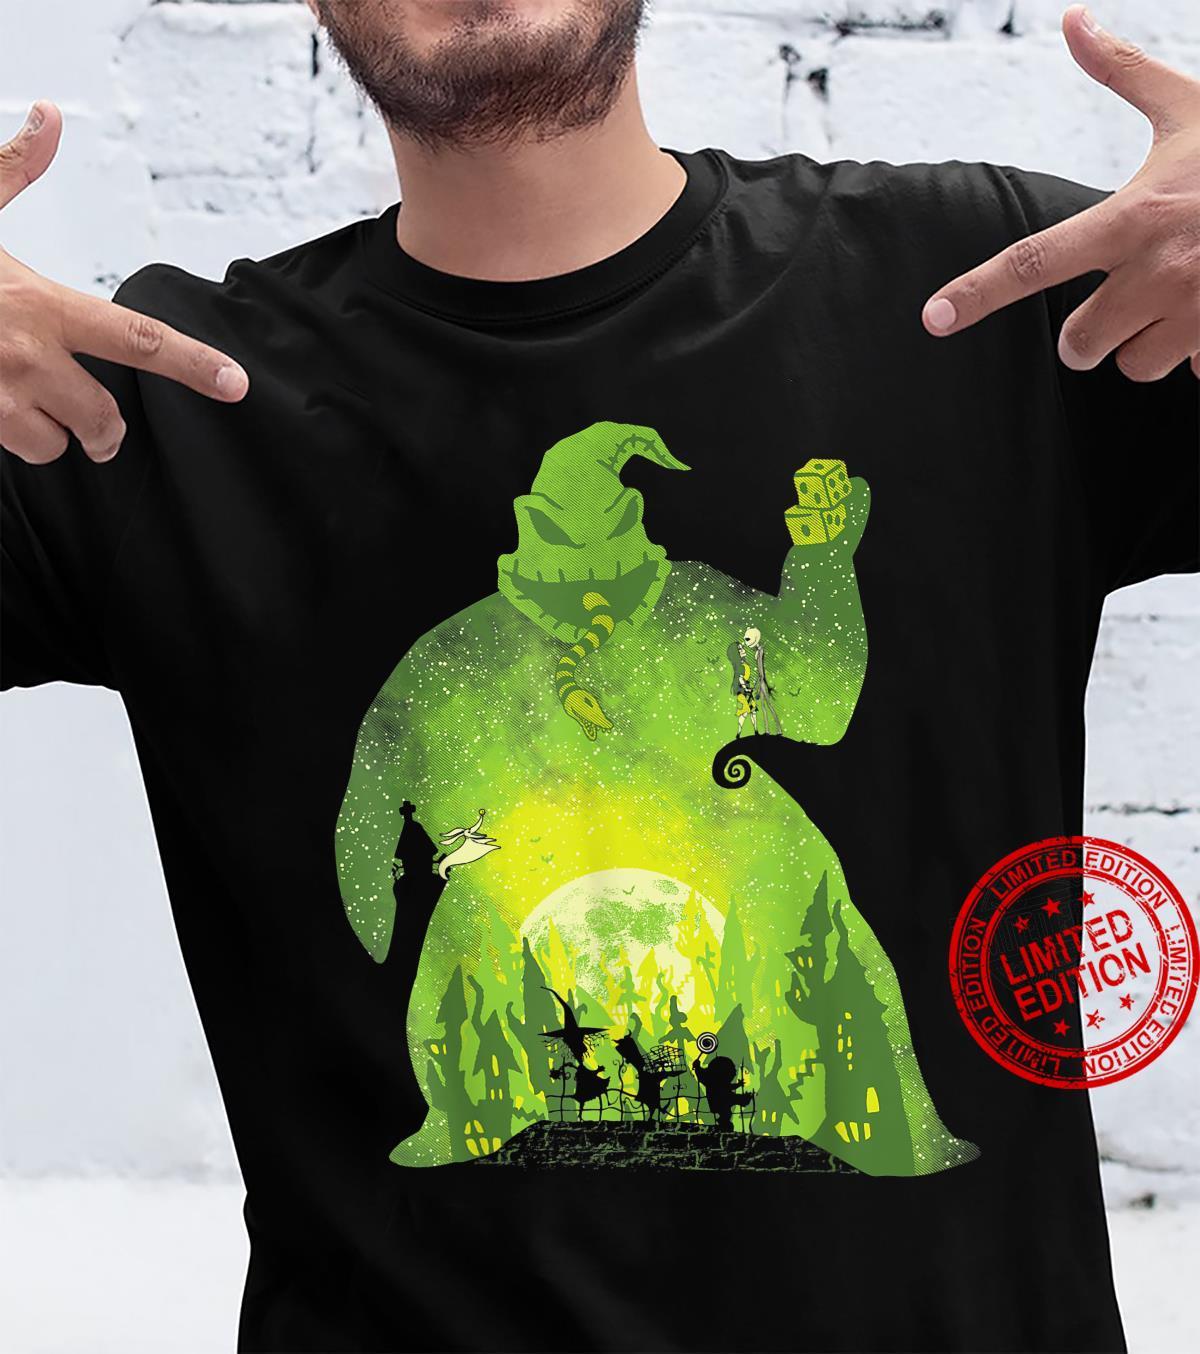 Evil Monster Shirt